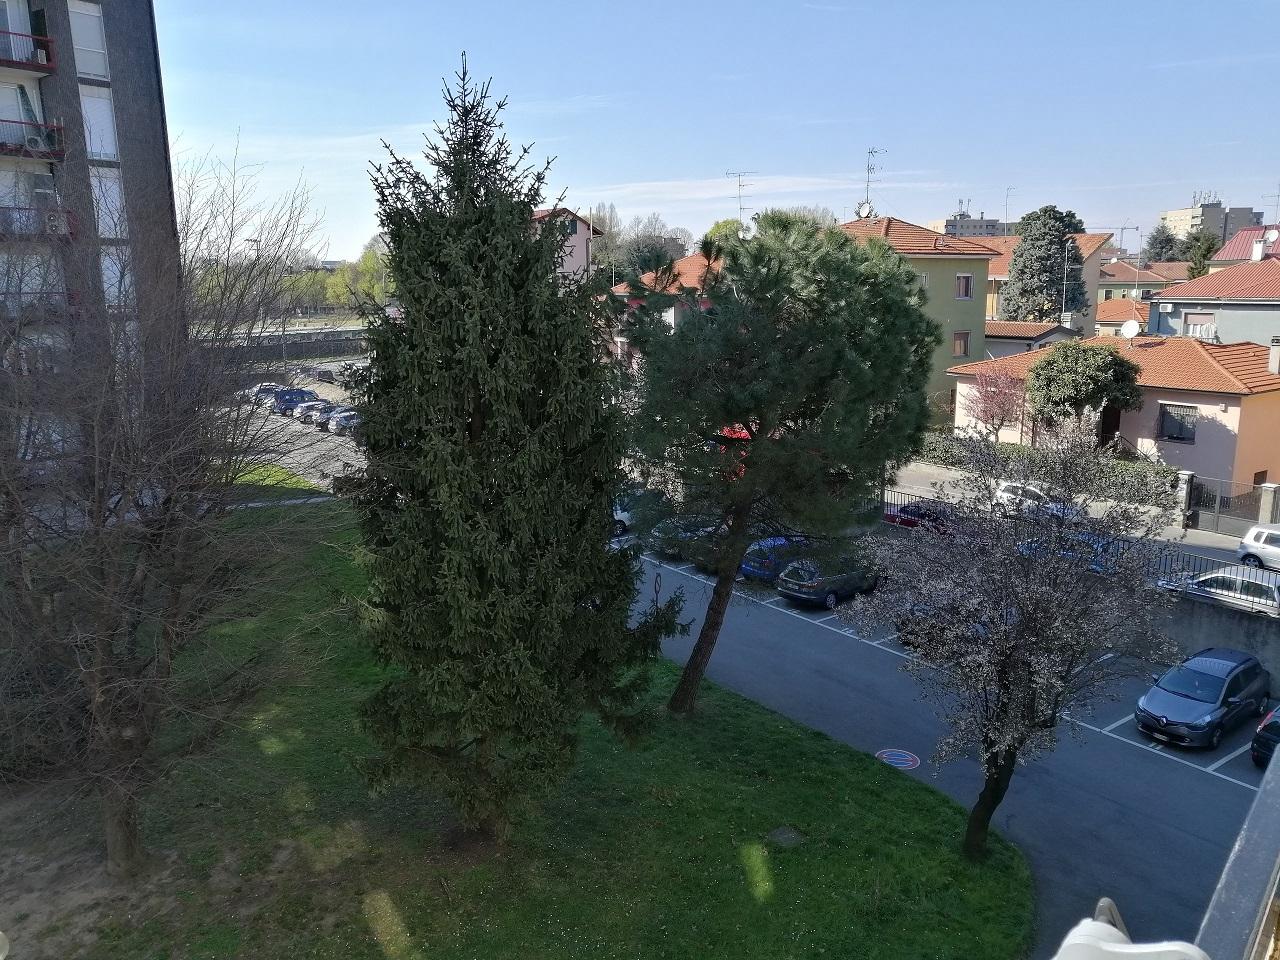 appartamenti-in-vendita-milano-baggio-2-locali-via-valle-antrona-8-spaziourbano-immobiliare-vene-14